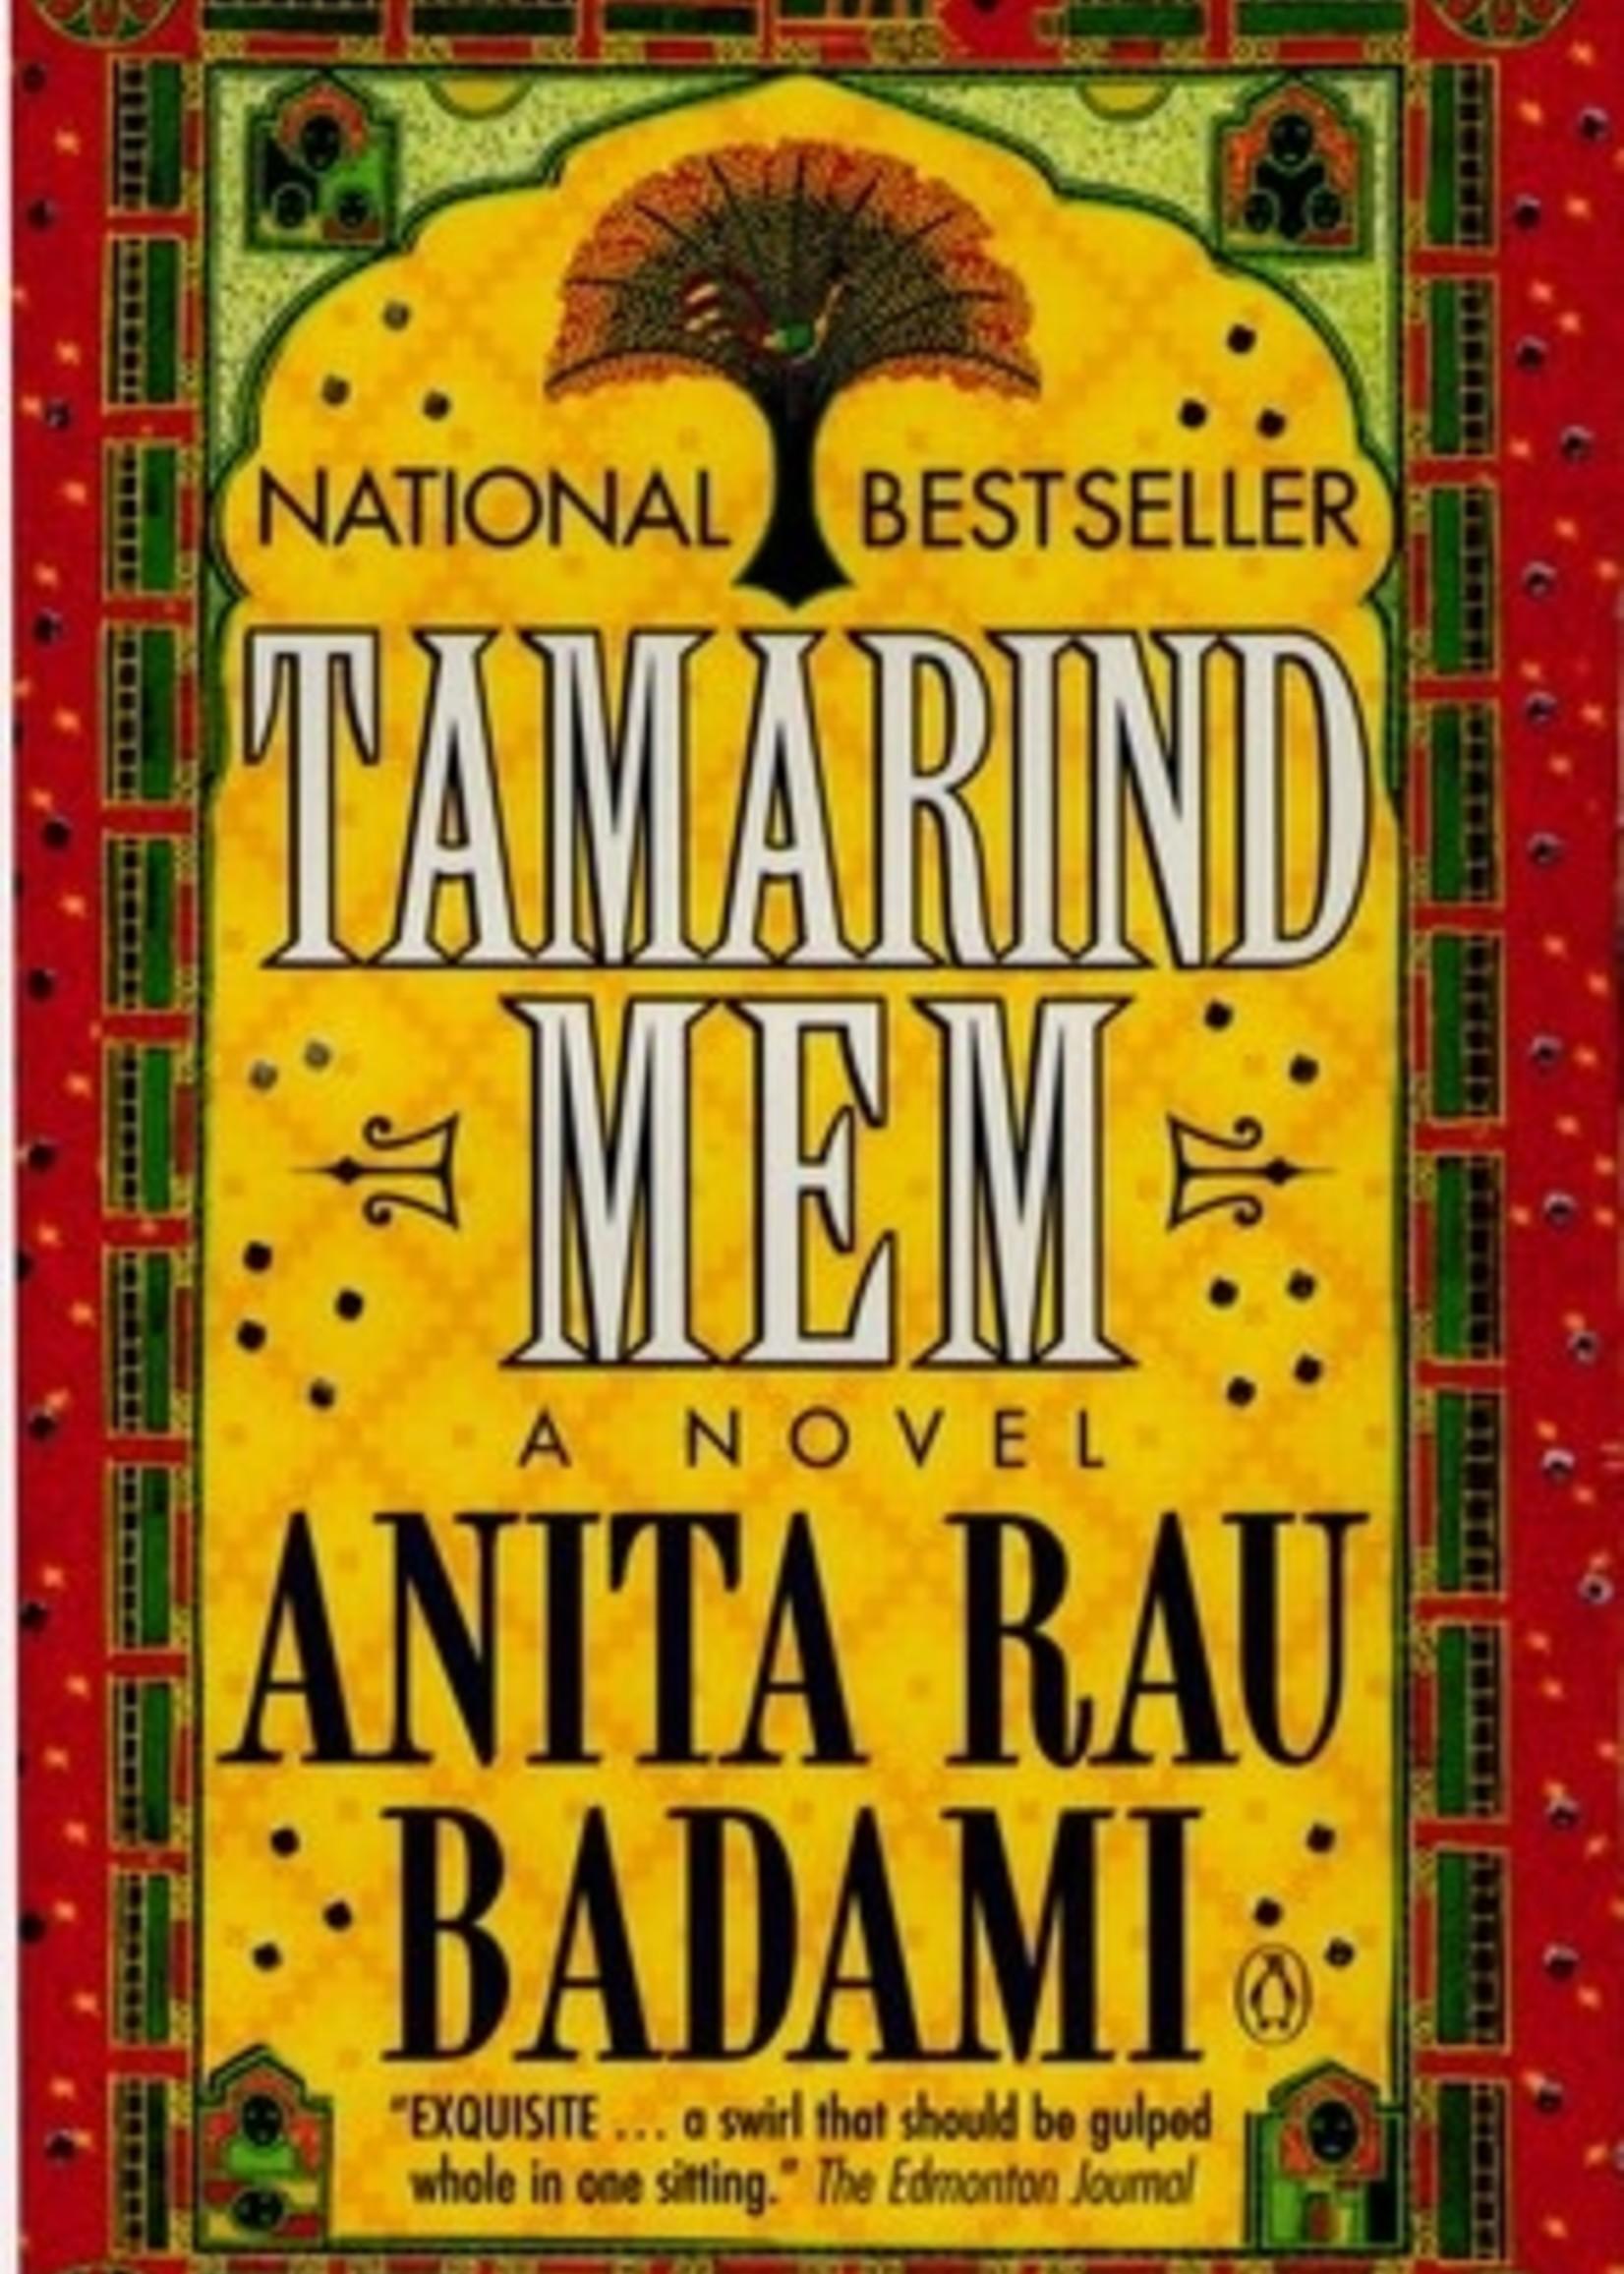 USED - Tamarind Mem by Anita Rau Badami